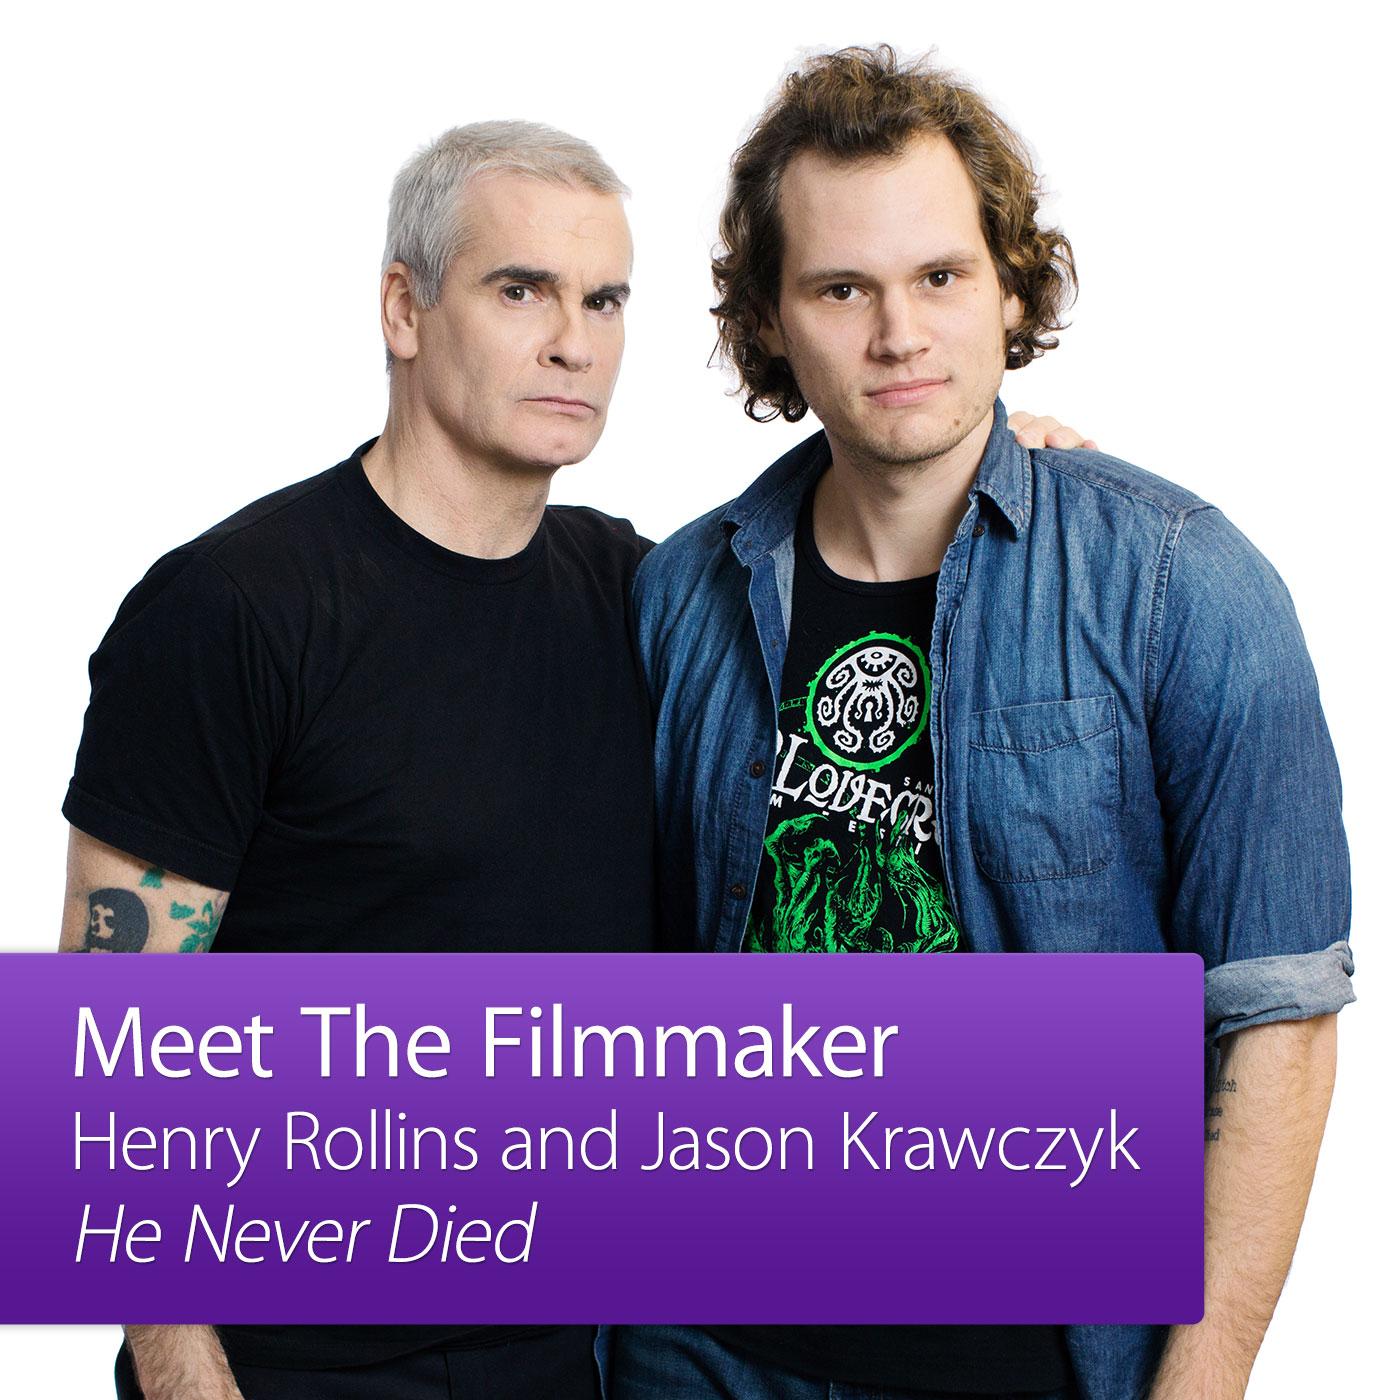 He Never Died: Meet the Filmmaker